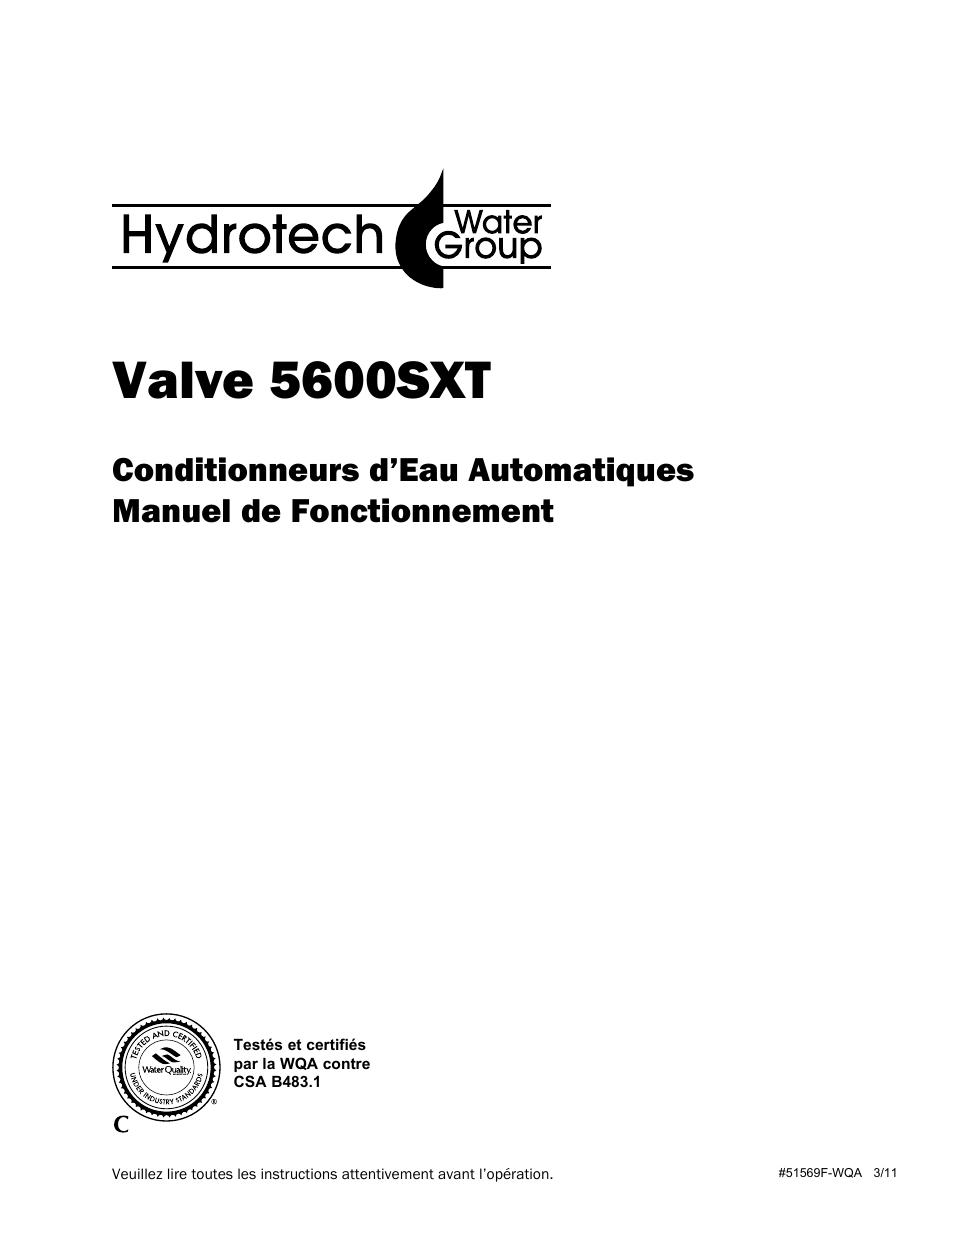 Hydrotech 5600 SXT Valve Conditionneurs d'Eau Automatiques